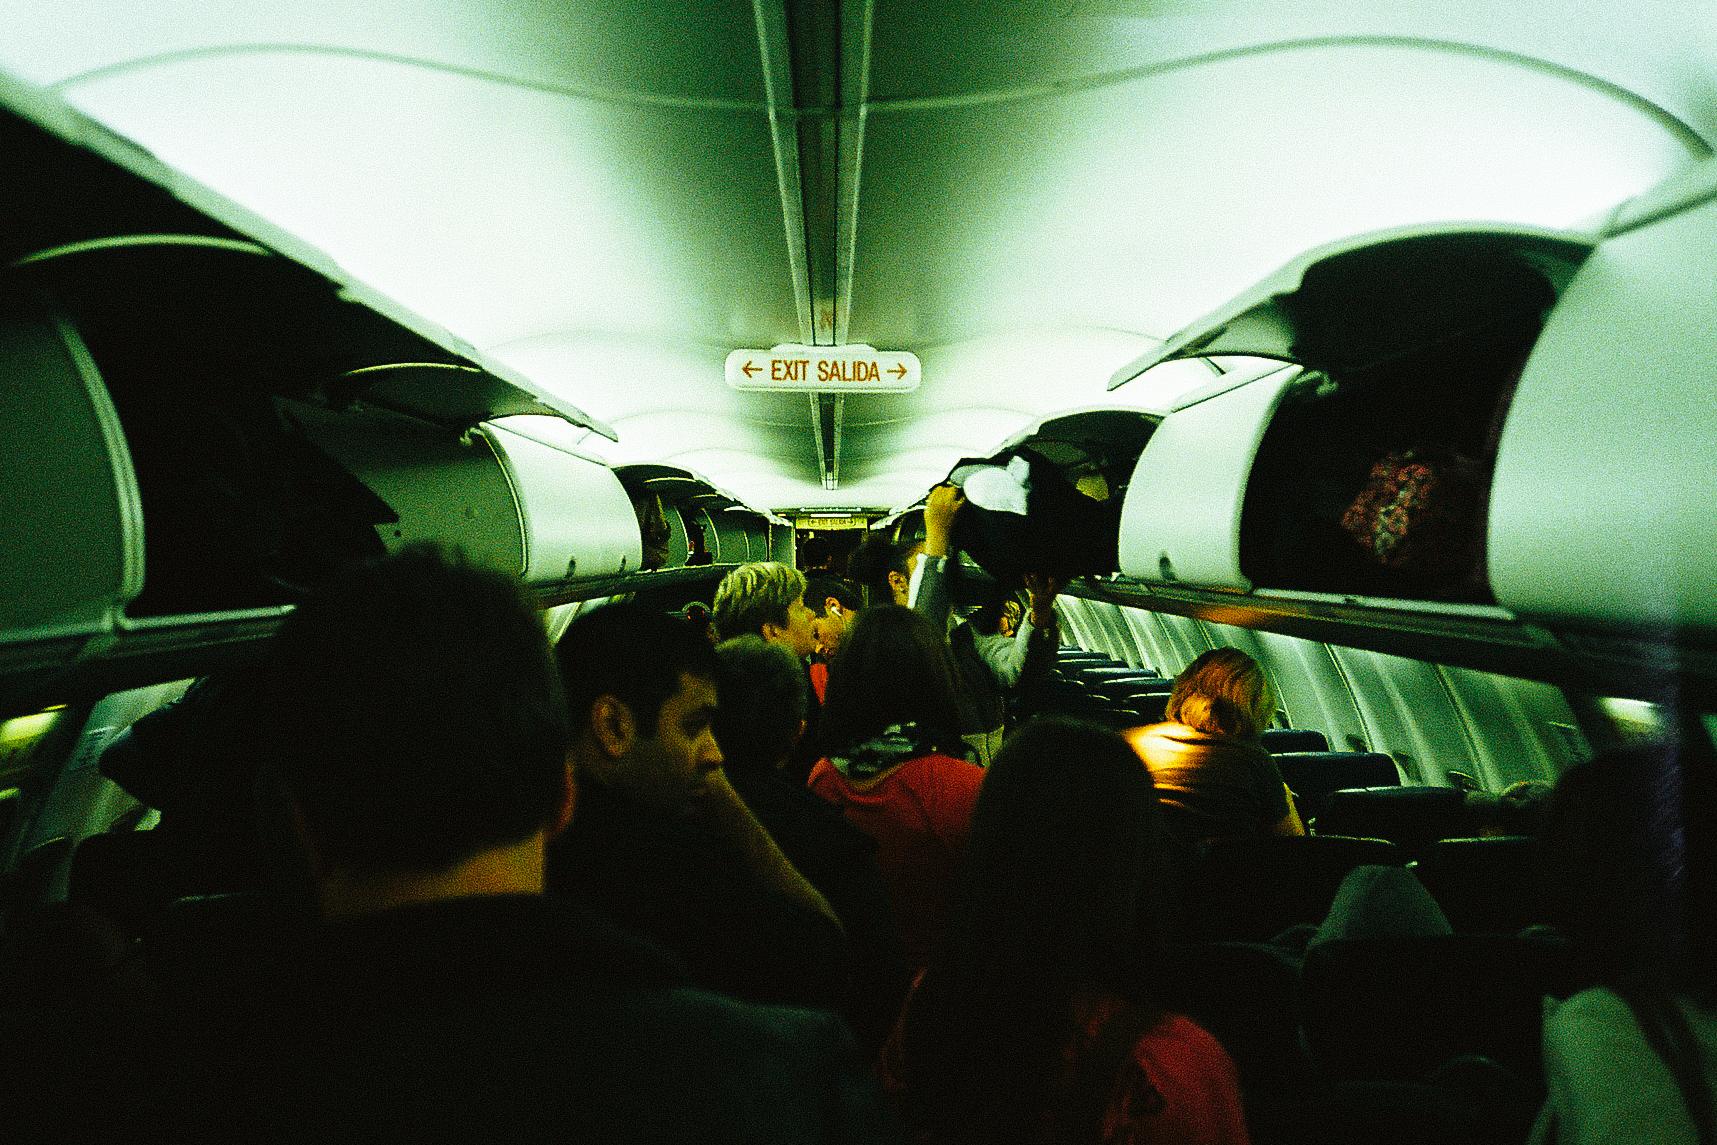 Airplane Alighting Mju.jpg